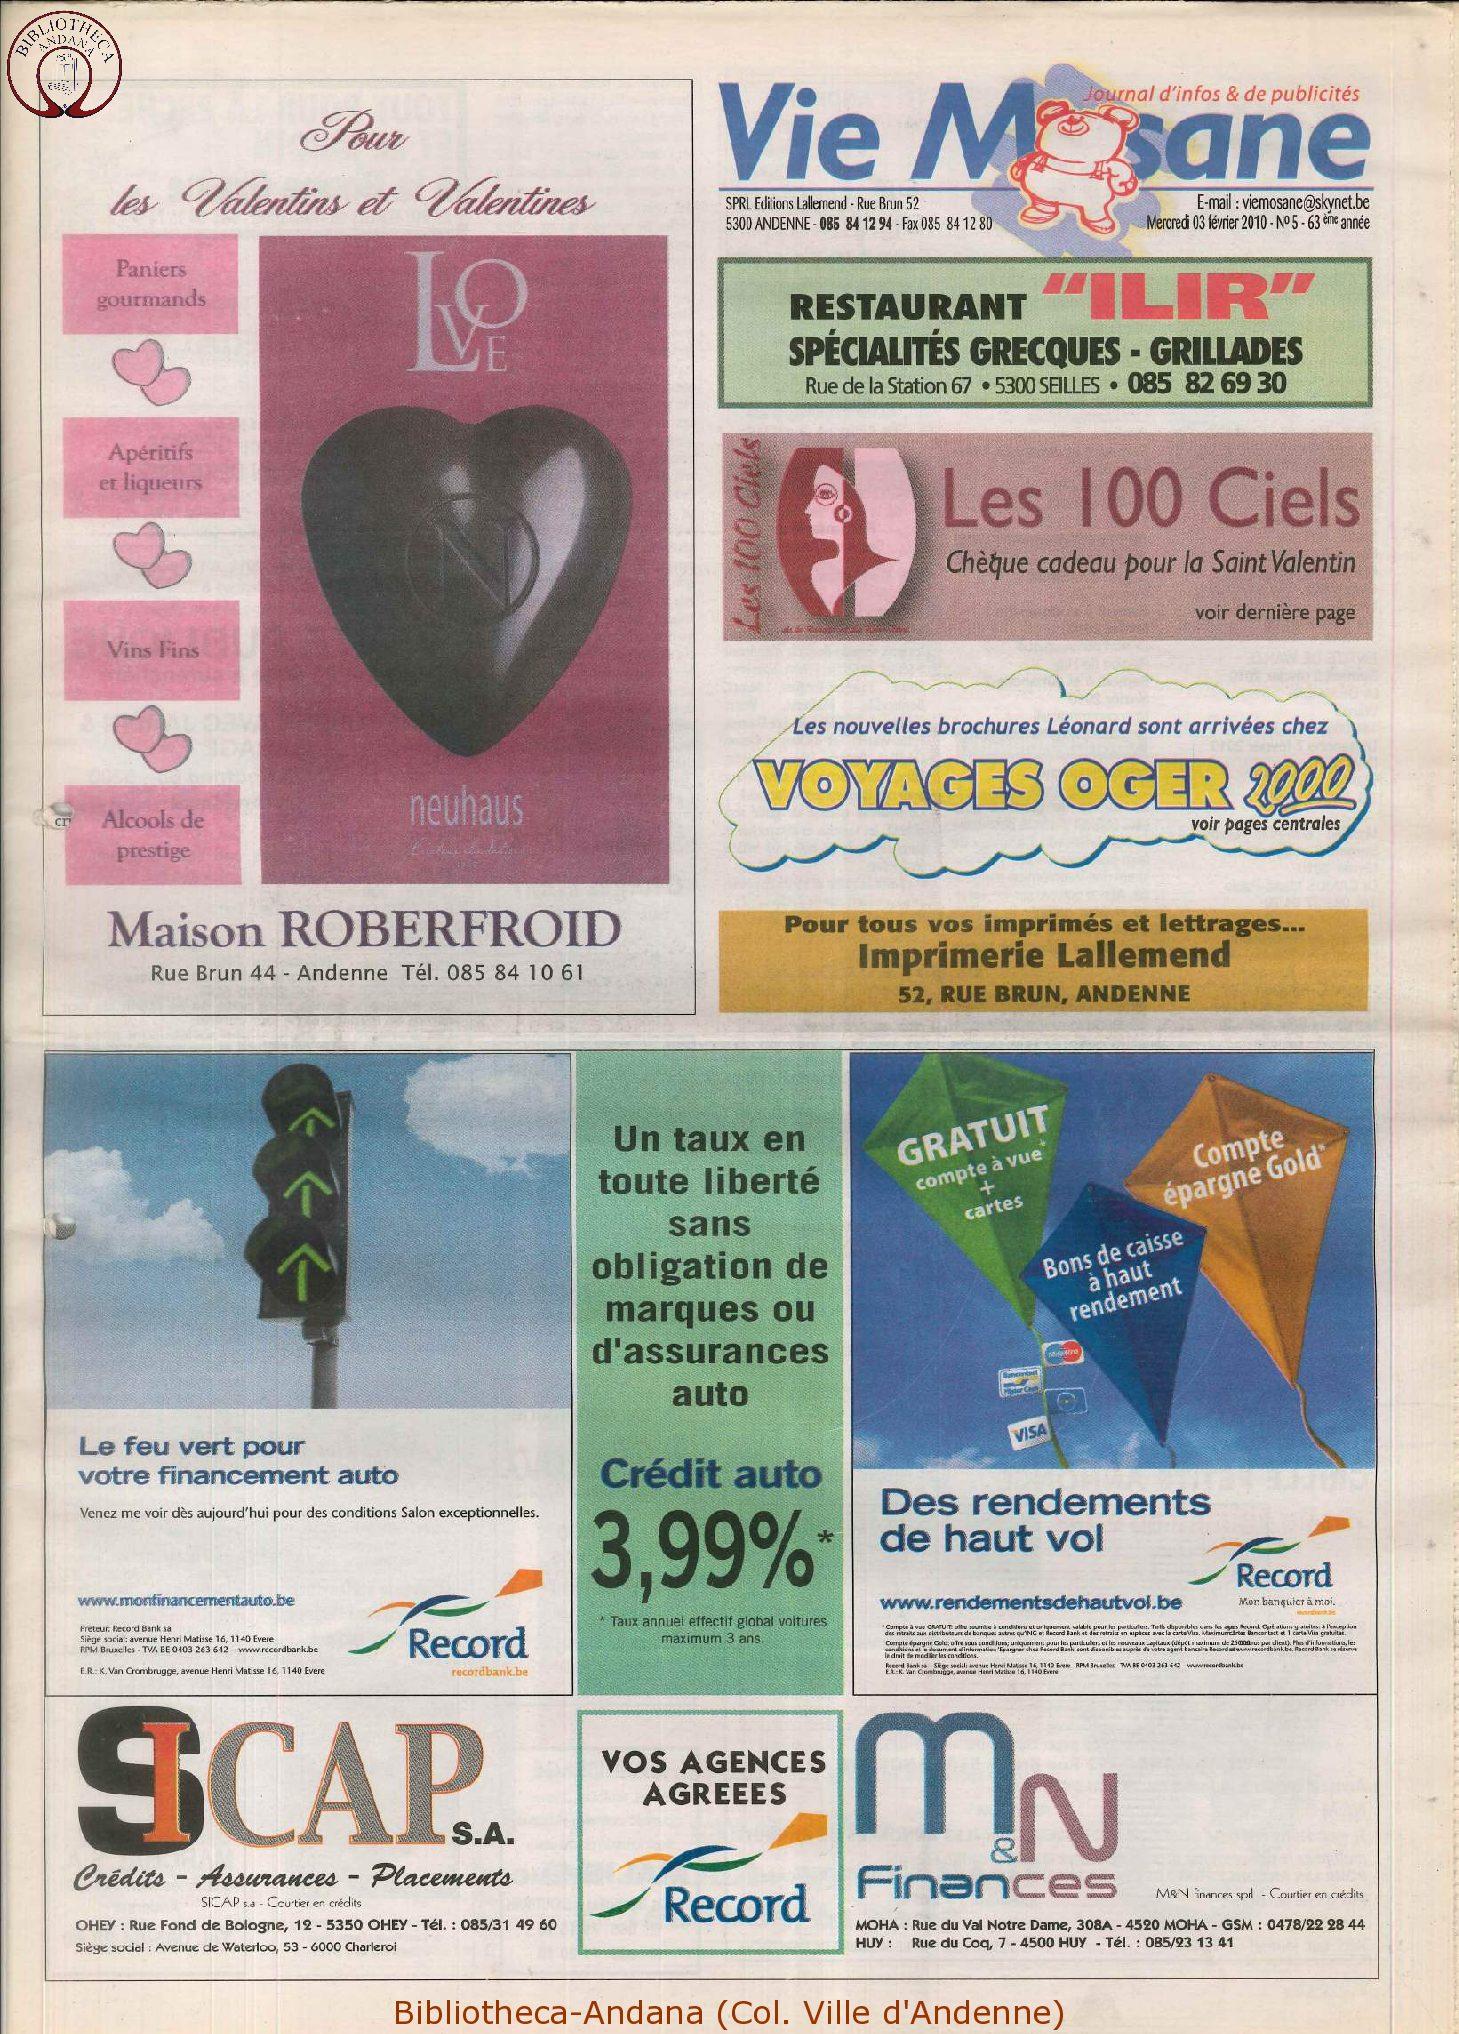 63e année - n°5 - 3 février 2010